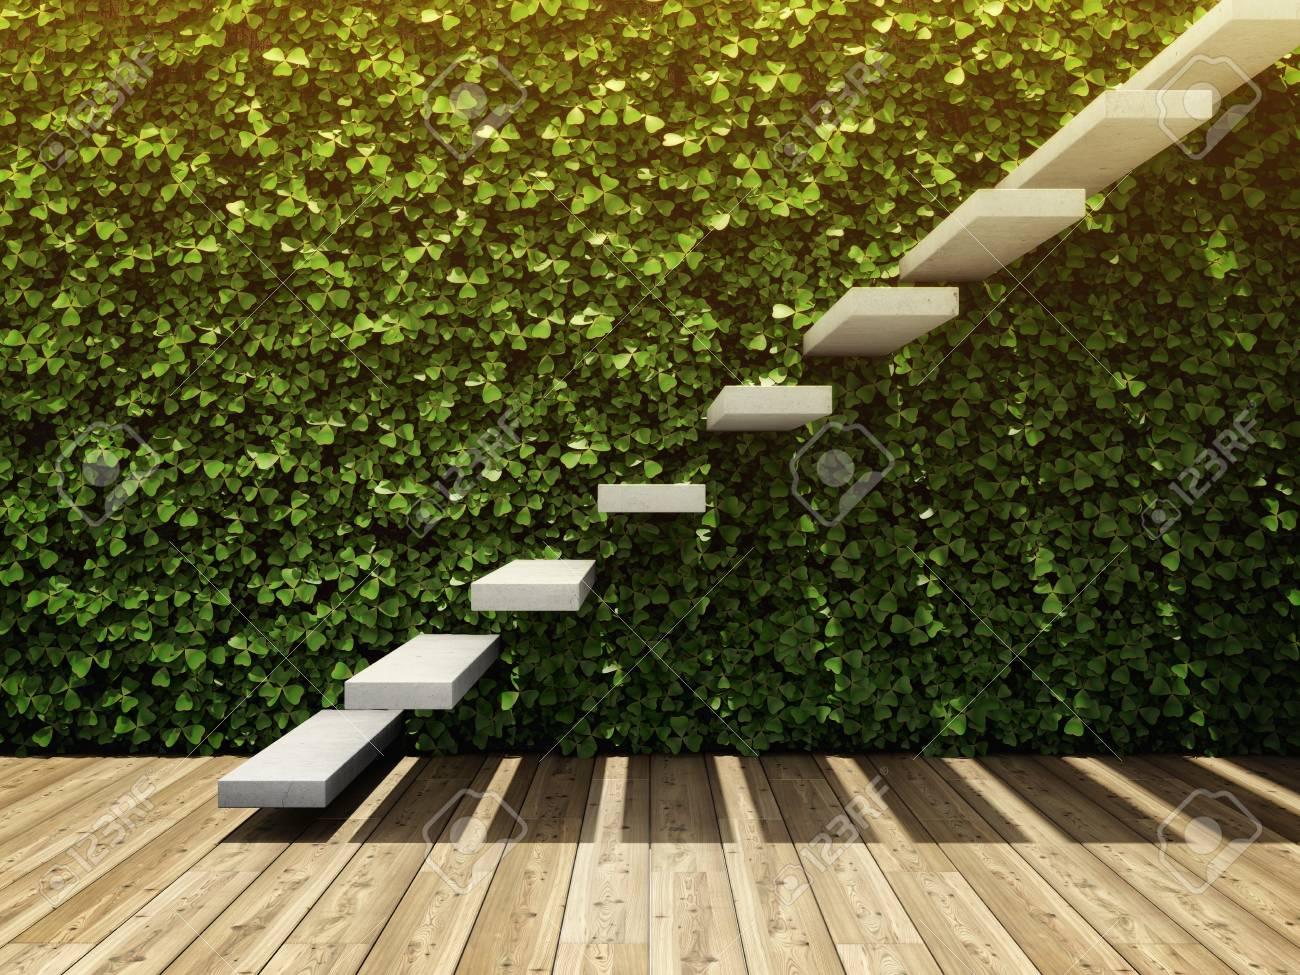 L\'intérieur de la pièce avec le mur du jardin vertical et l\'escalier des  blocs de béton. Illustration 3D